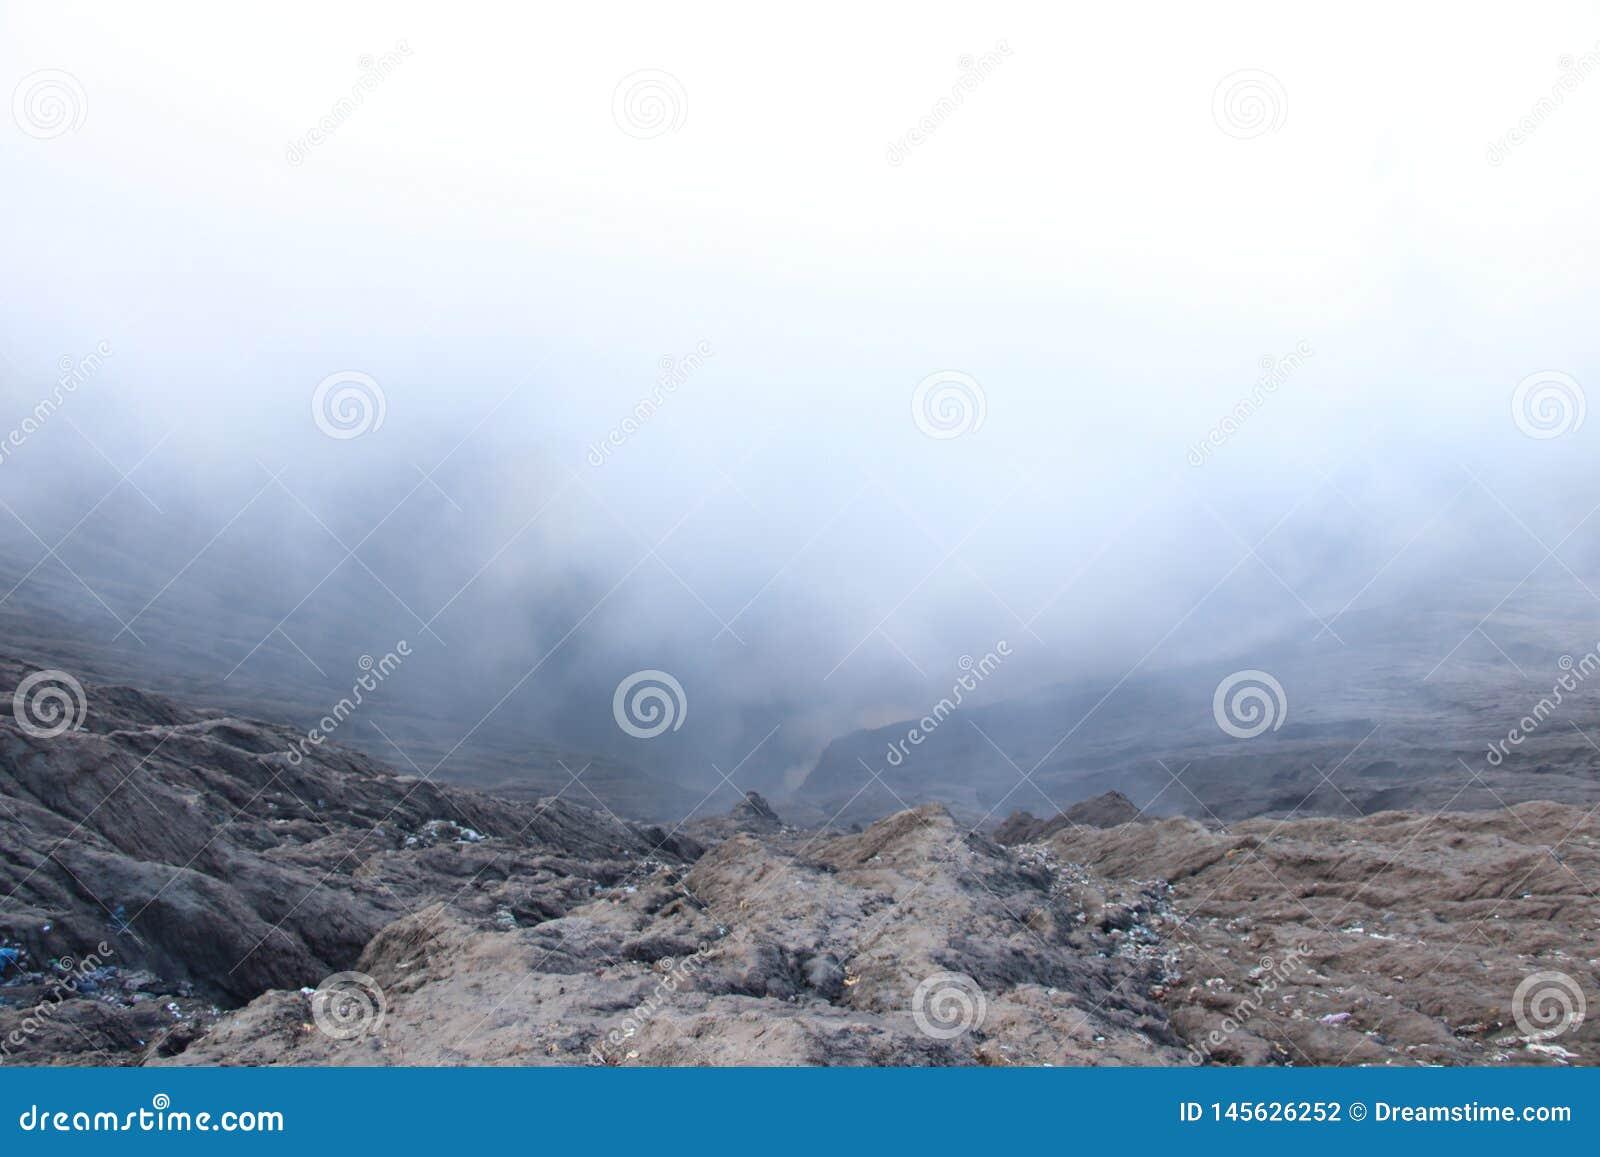 Brouillard enfumé sur le cratère